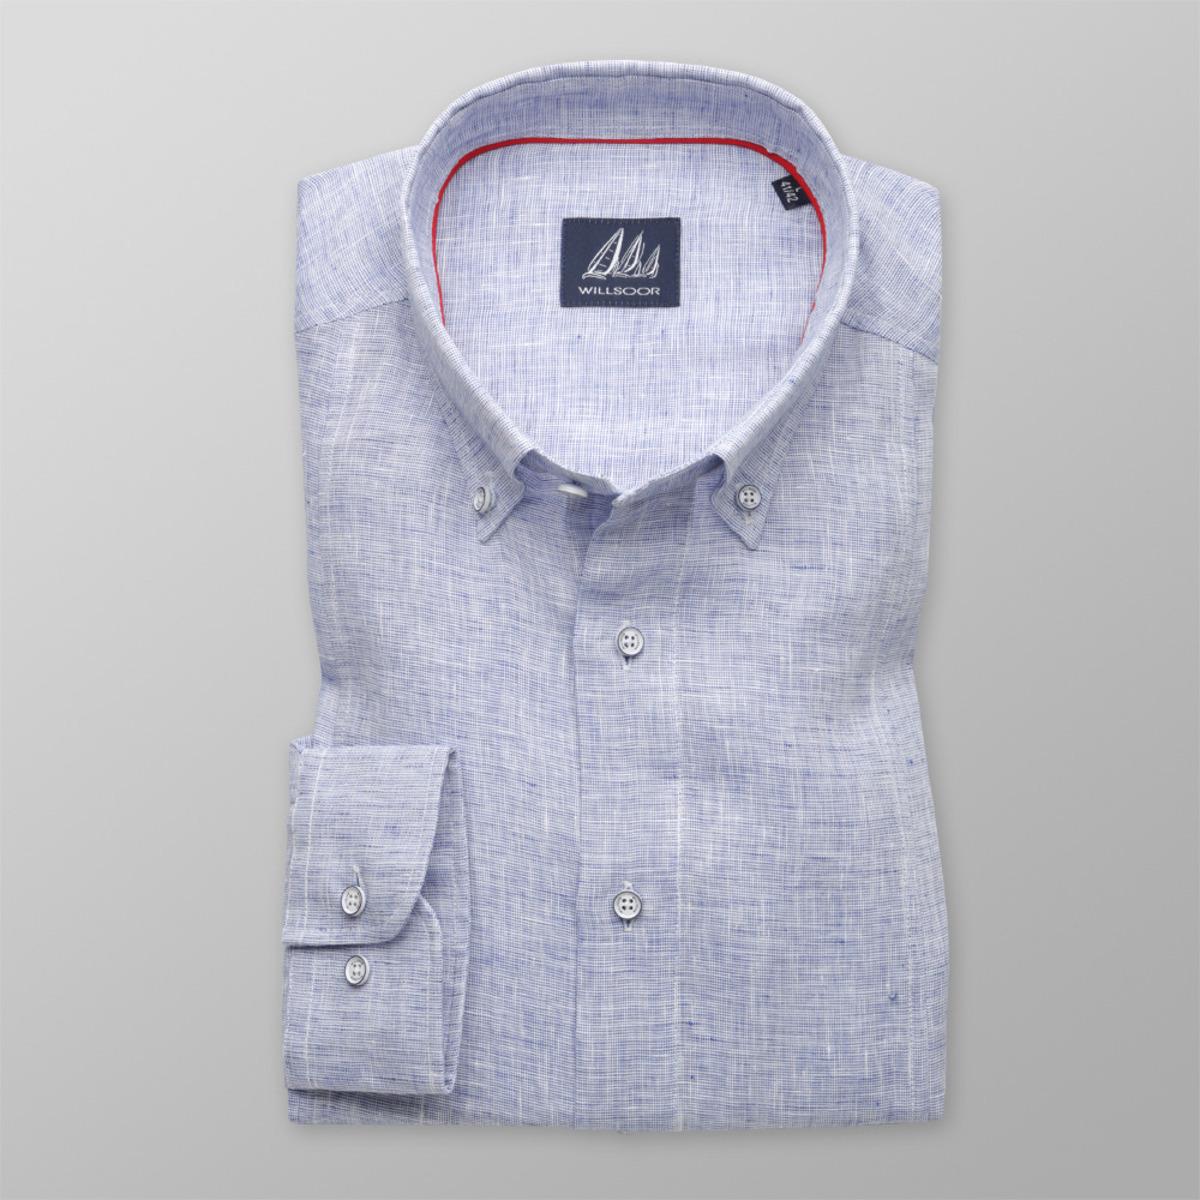 Košeľa Classic (všetky výšky) 9492 164-170 / XL (43/44)